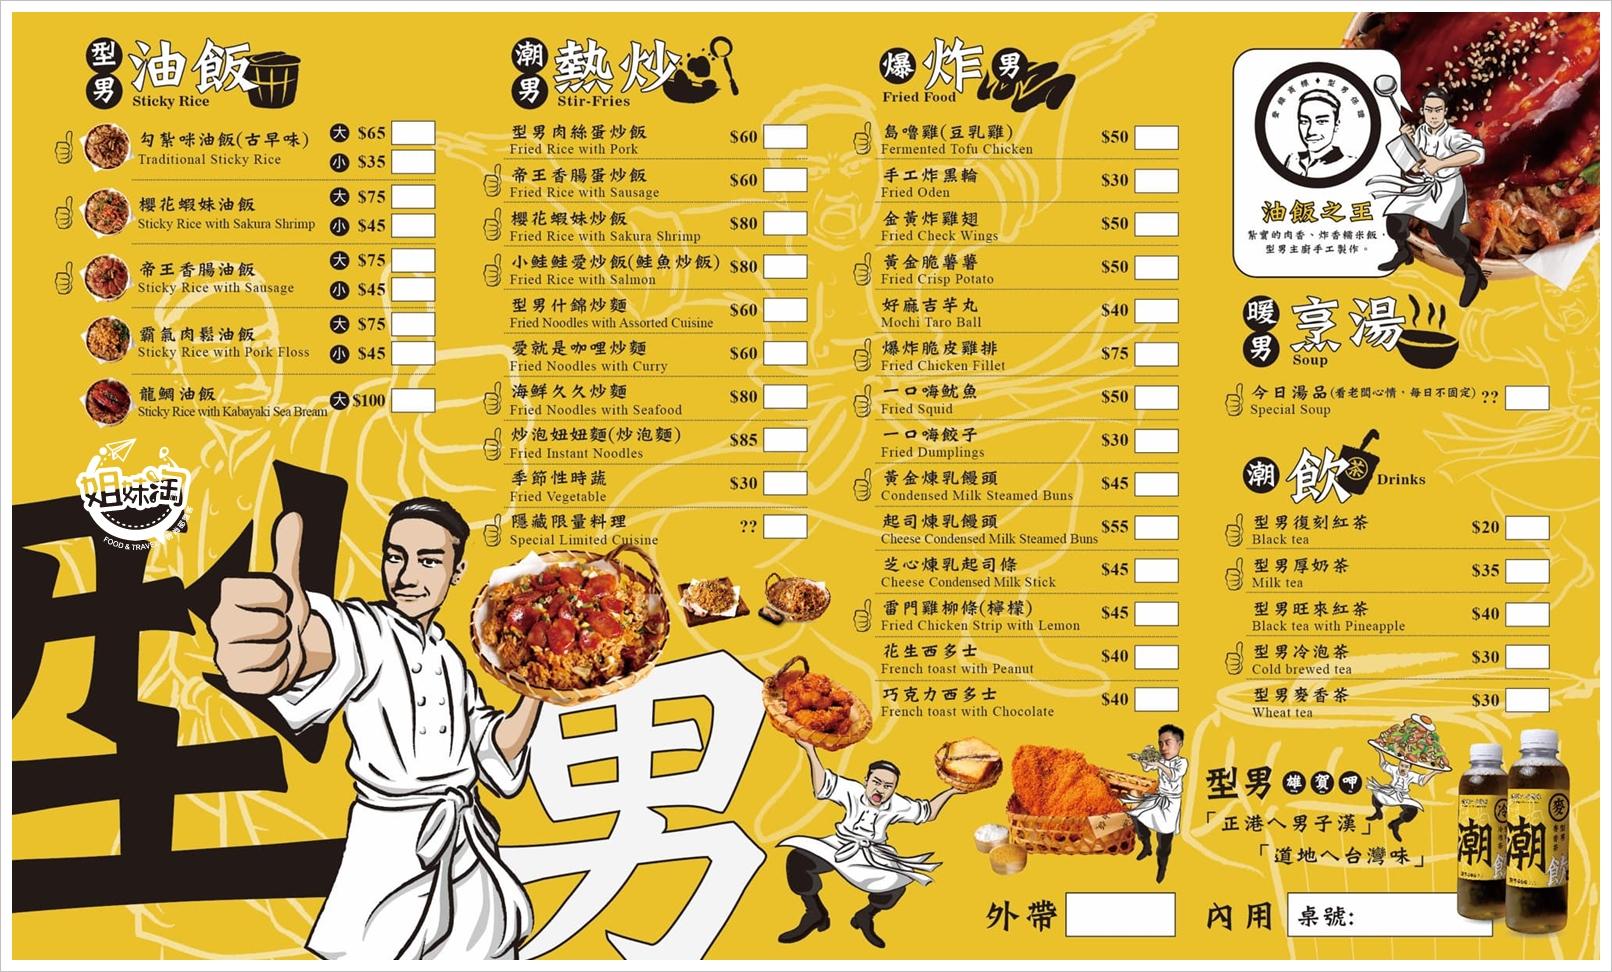 型男雄賀呷-三民區美食小吃-三民區中式美食-高雄美食推薦